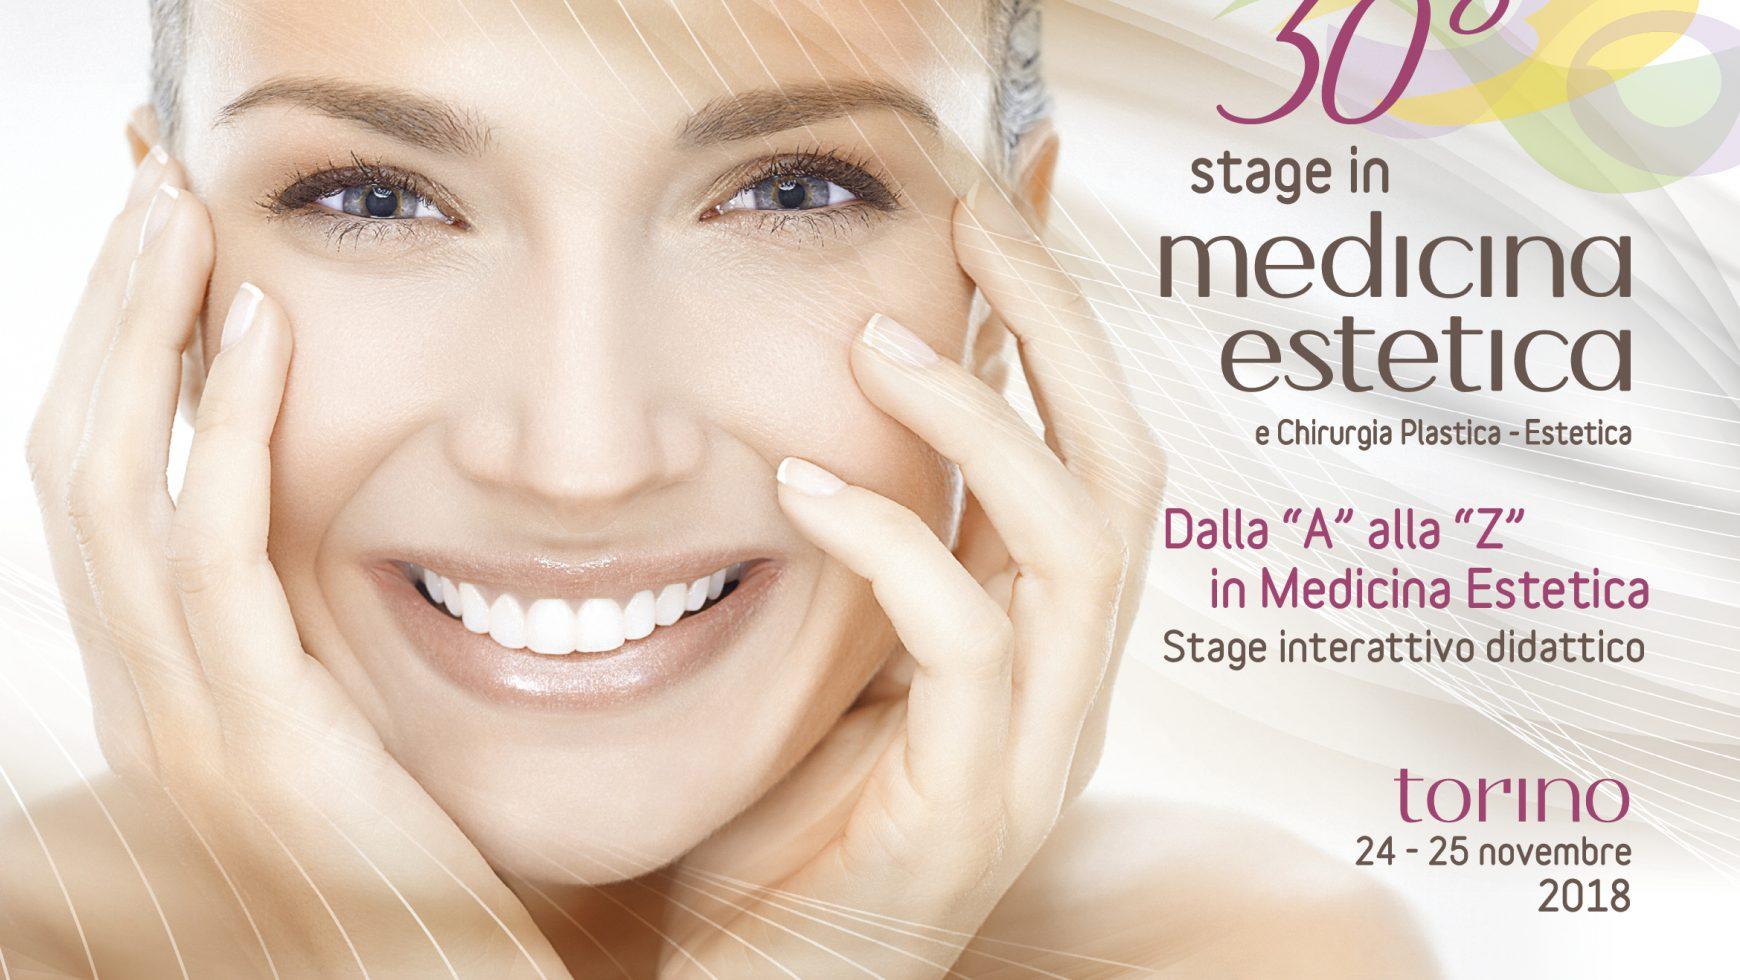 """30° Stage in Medicina Estetica e Chirurgia Plastica – Estetica """"Dalla A alla Z in Medicina Estetica – Stage interattivo didattico"""""""